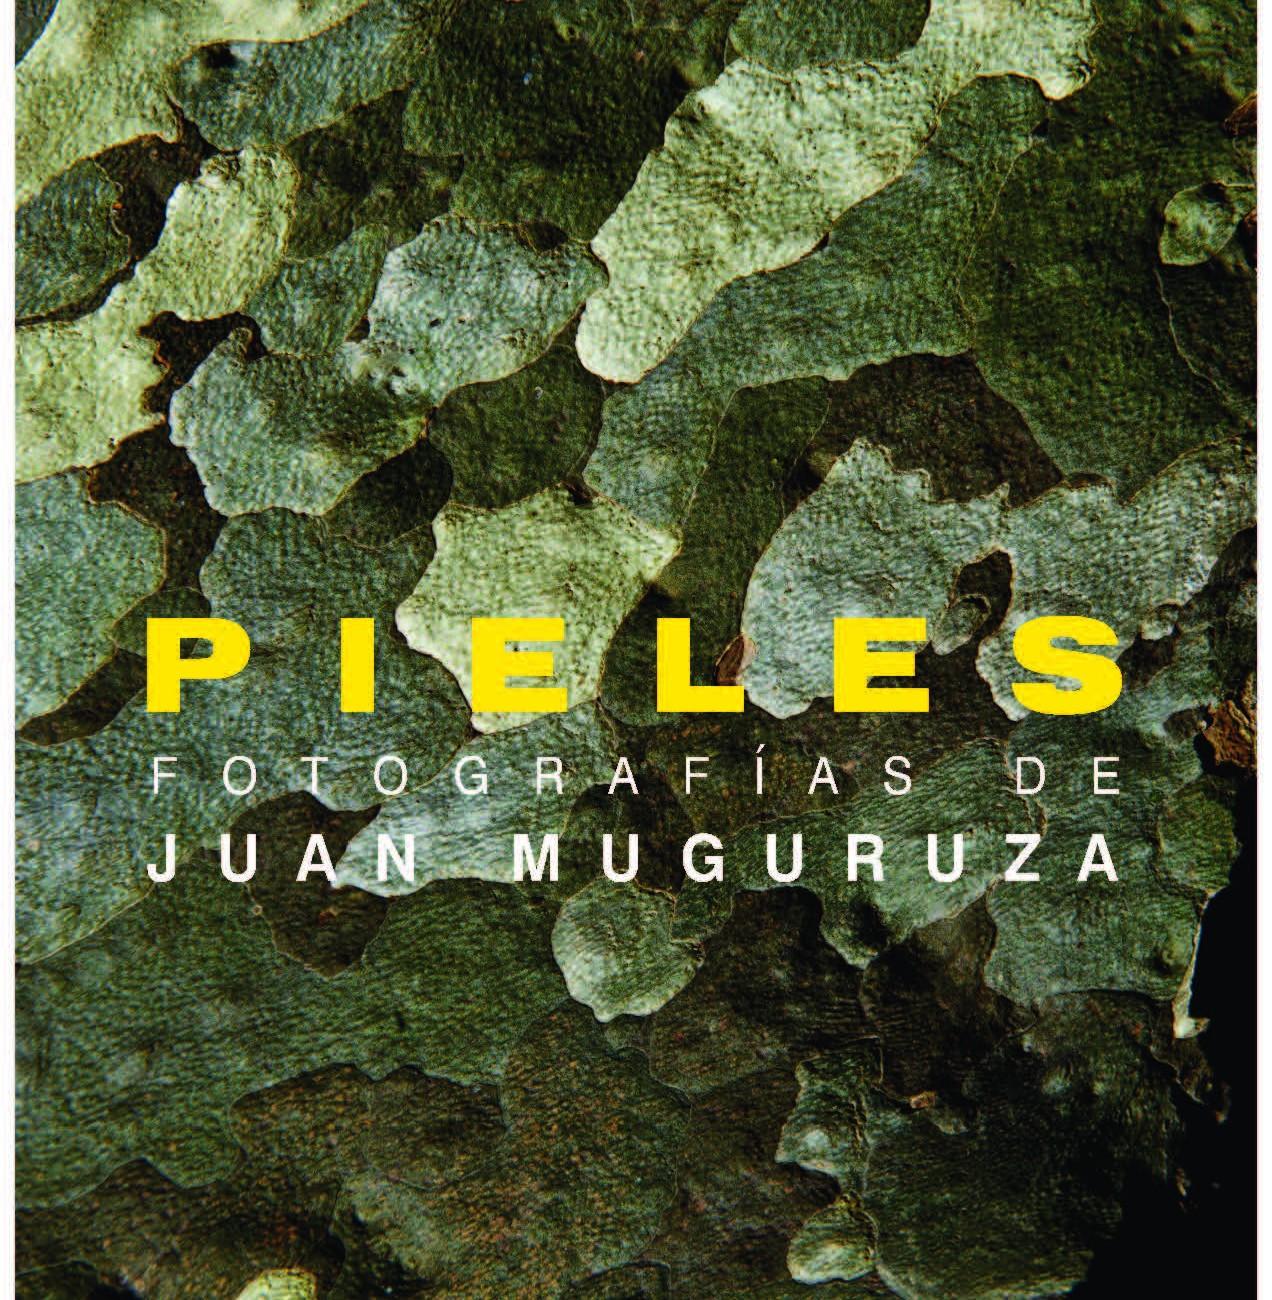 PIELES. Exposición fotográfica de Jan Muguruza 2012. Cartel Exposición PIELES en el Real Jardín Botánico de Madrid